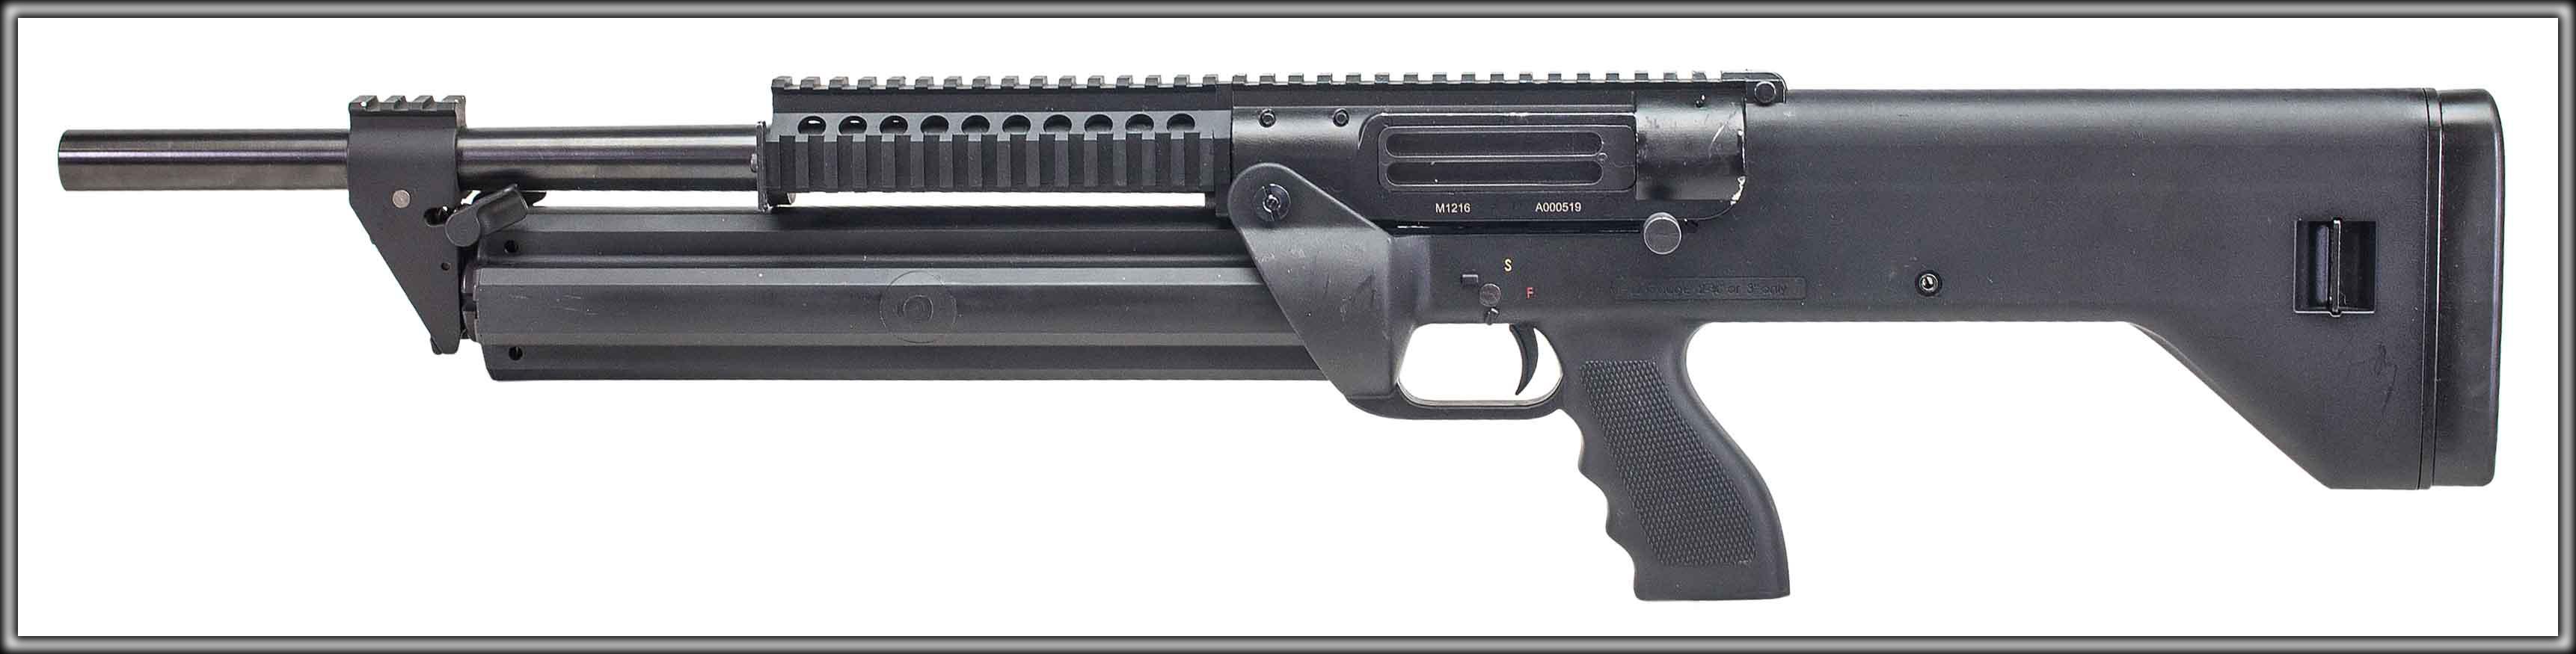 SRM ARMS M1216 SHOTGUN [12 Gauge] (Auction ID: 14651198 ... M1216